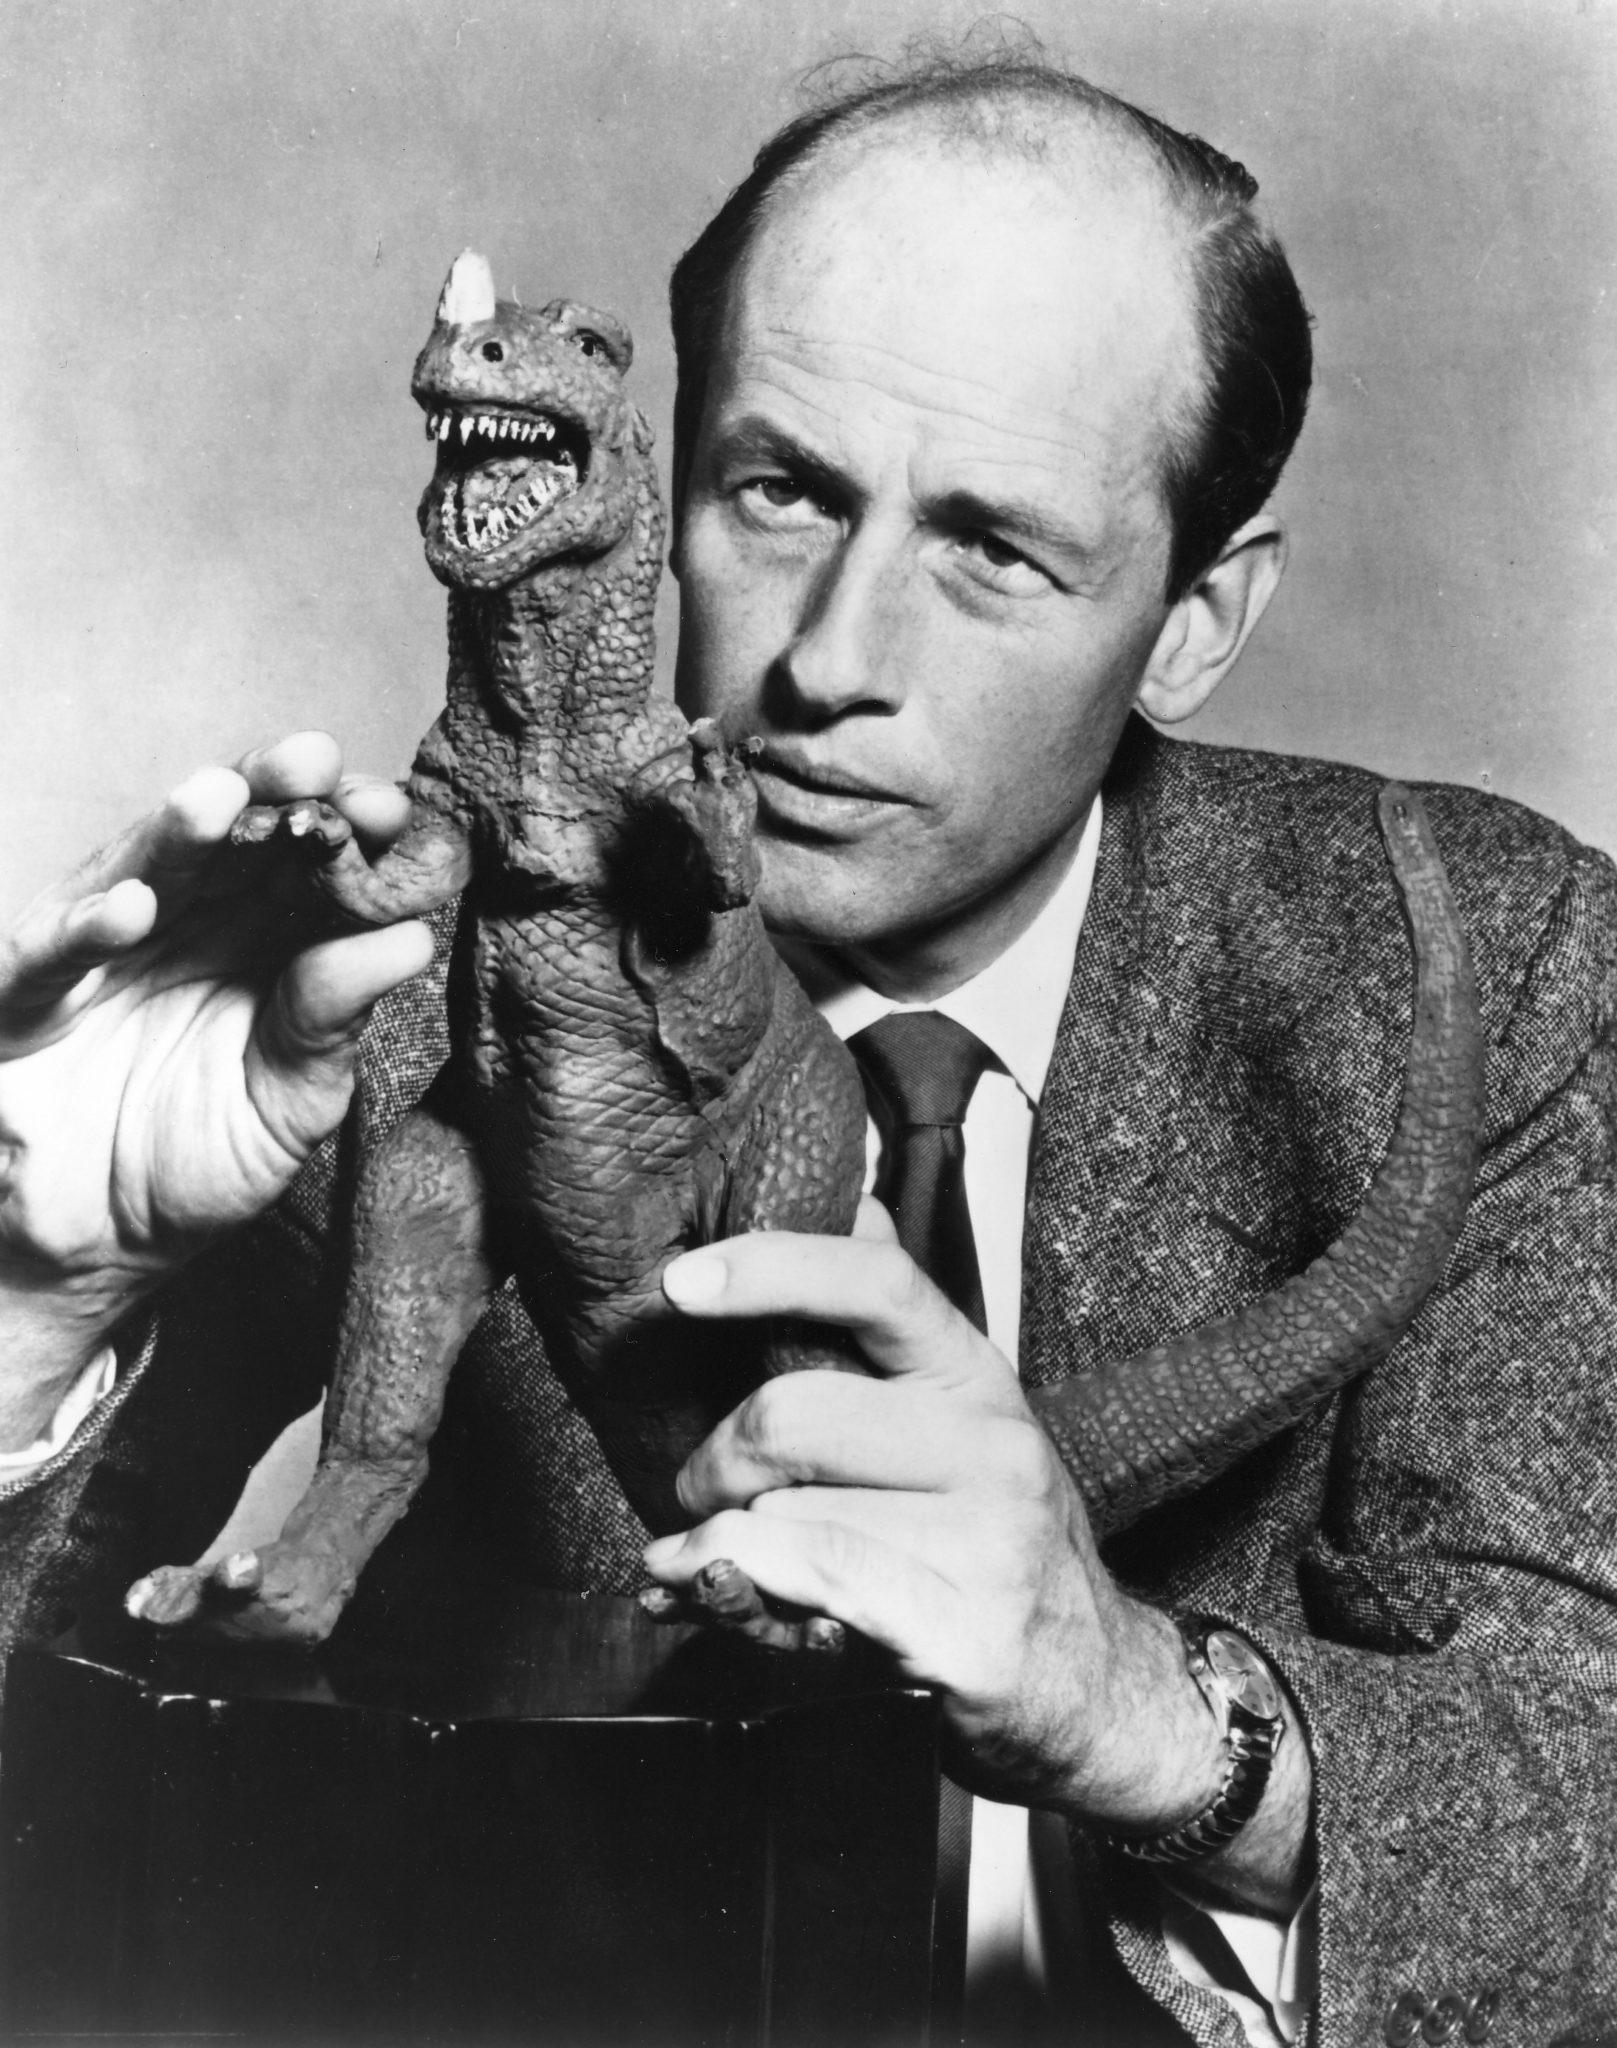 Ray Harryhausen Beast Puppet stop motion animation Stop Motion Animation AL